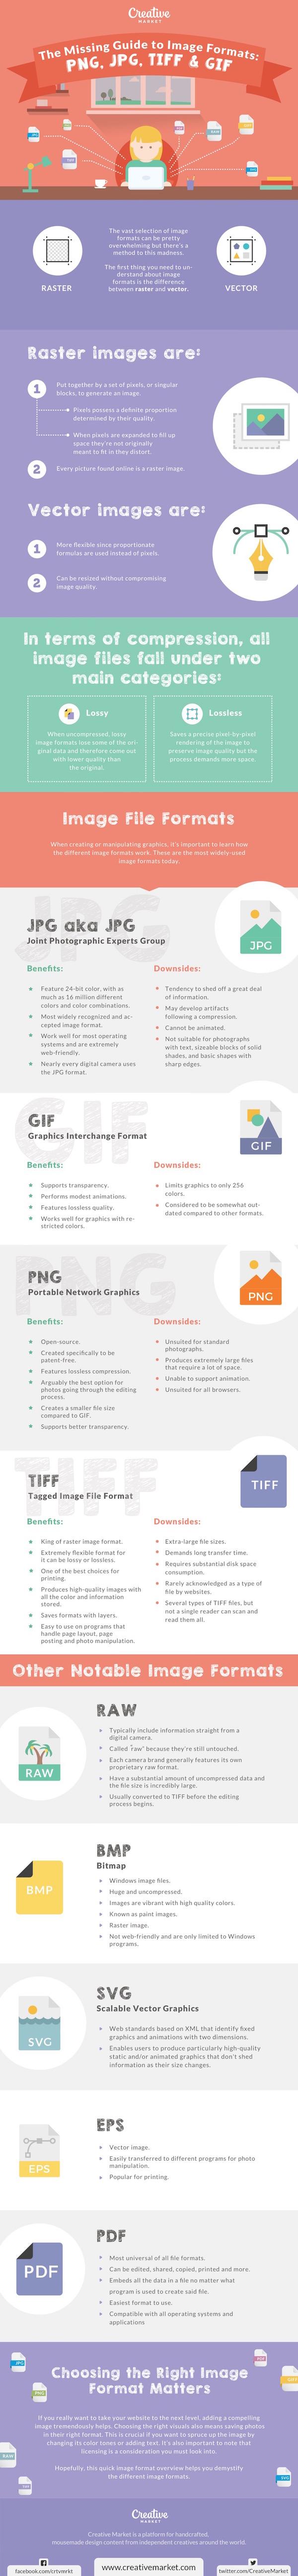 Guía de formatos de imagen para diseñadores